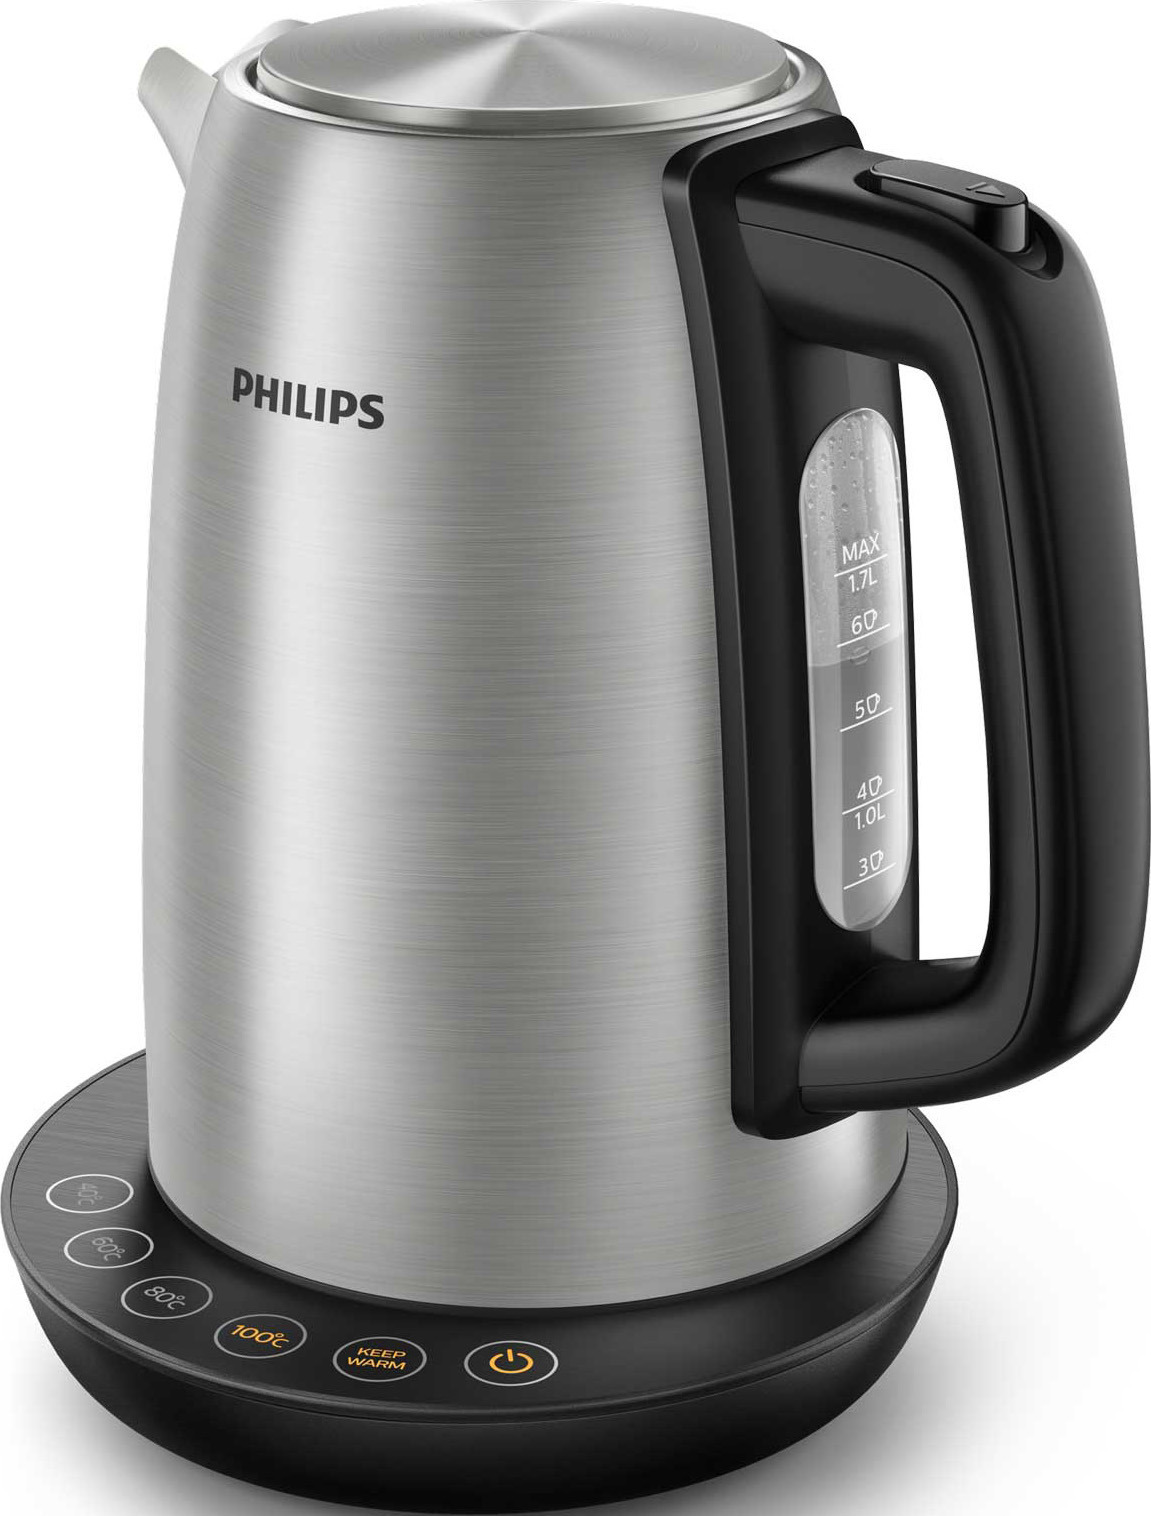 Электрический чайник Philips HD9359/90 с 4 настройками температуры, серый металлик, черный чайник электрический philips hd9359 90